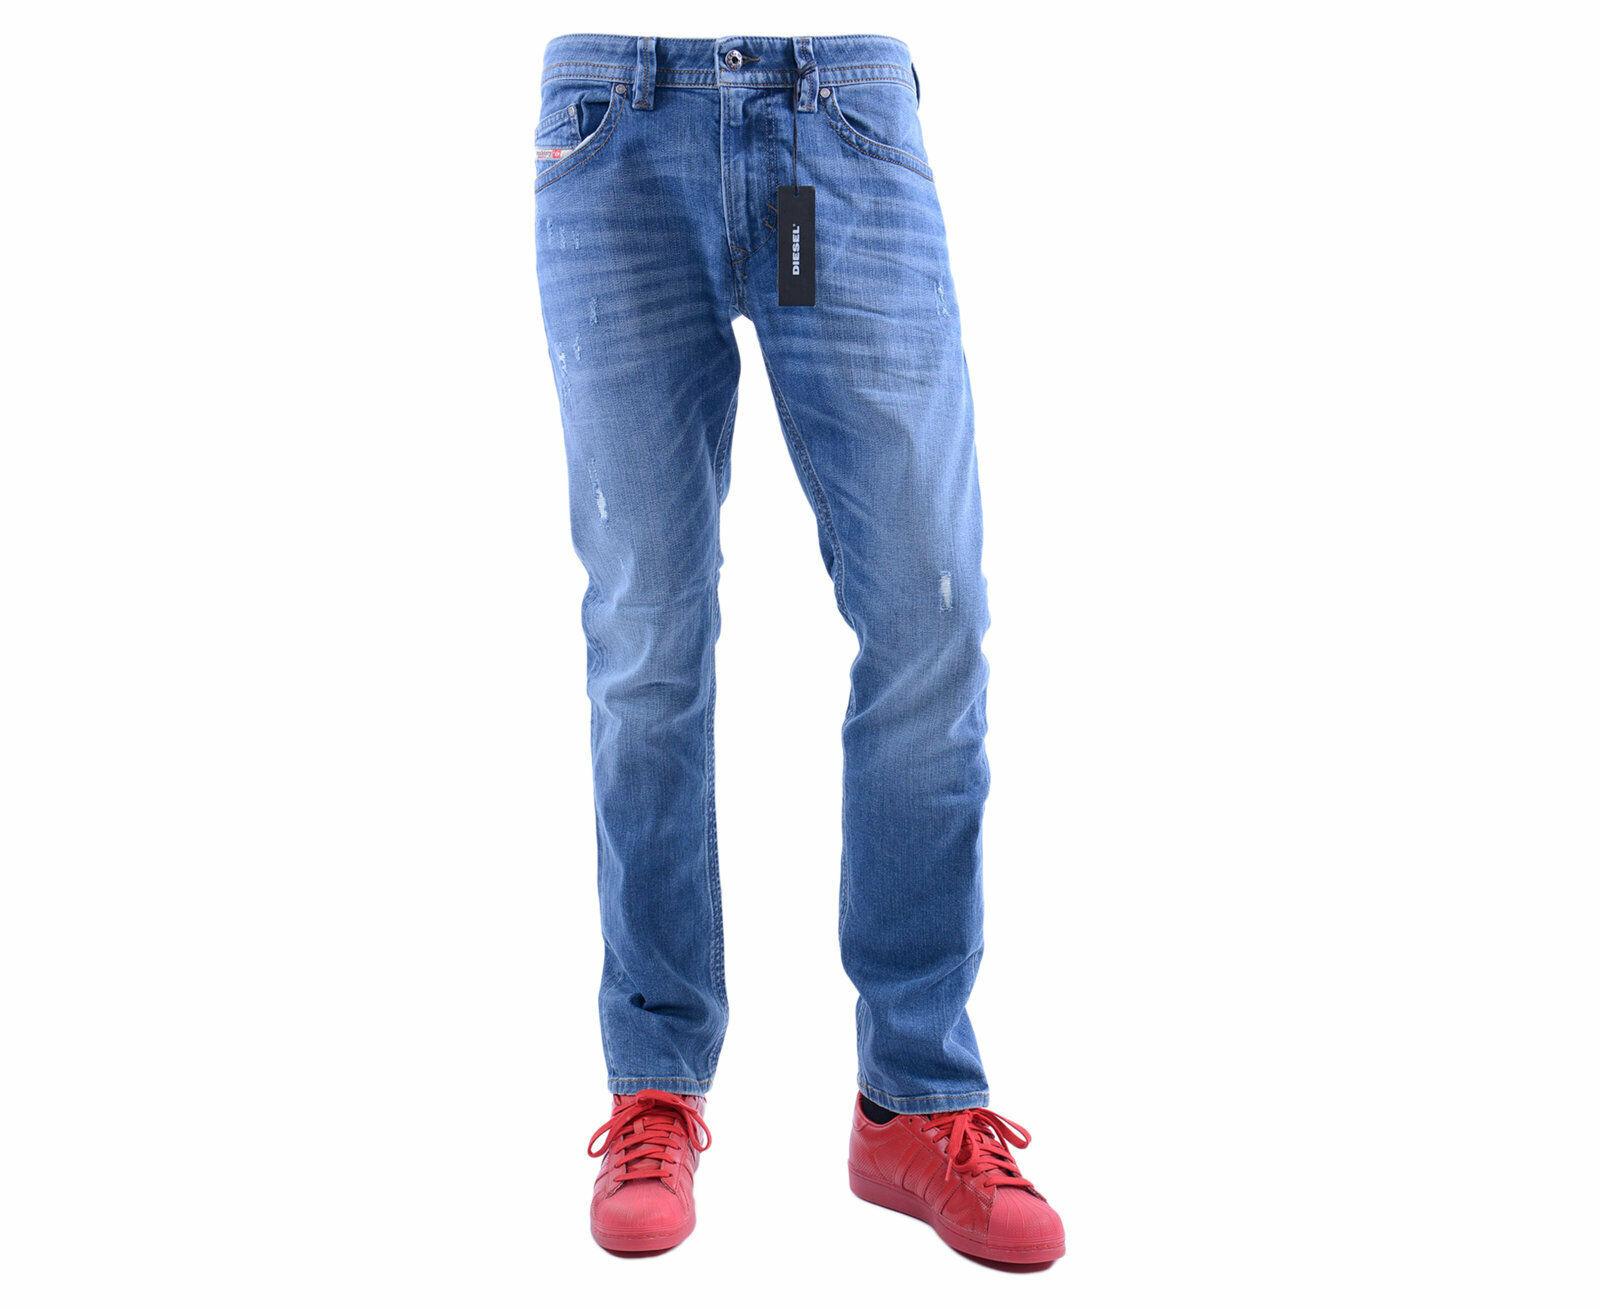 DIESEL THAVAR R8K58 W30 - W33 L30 L32 Mens Denim Jeans Stretch Slim Fit Skinny